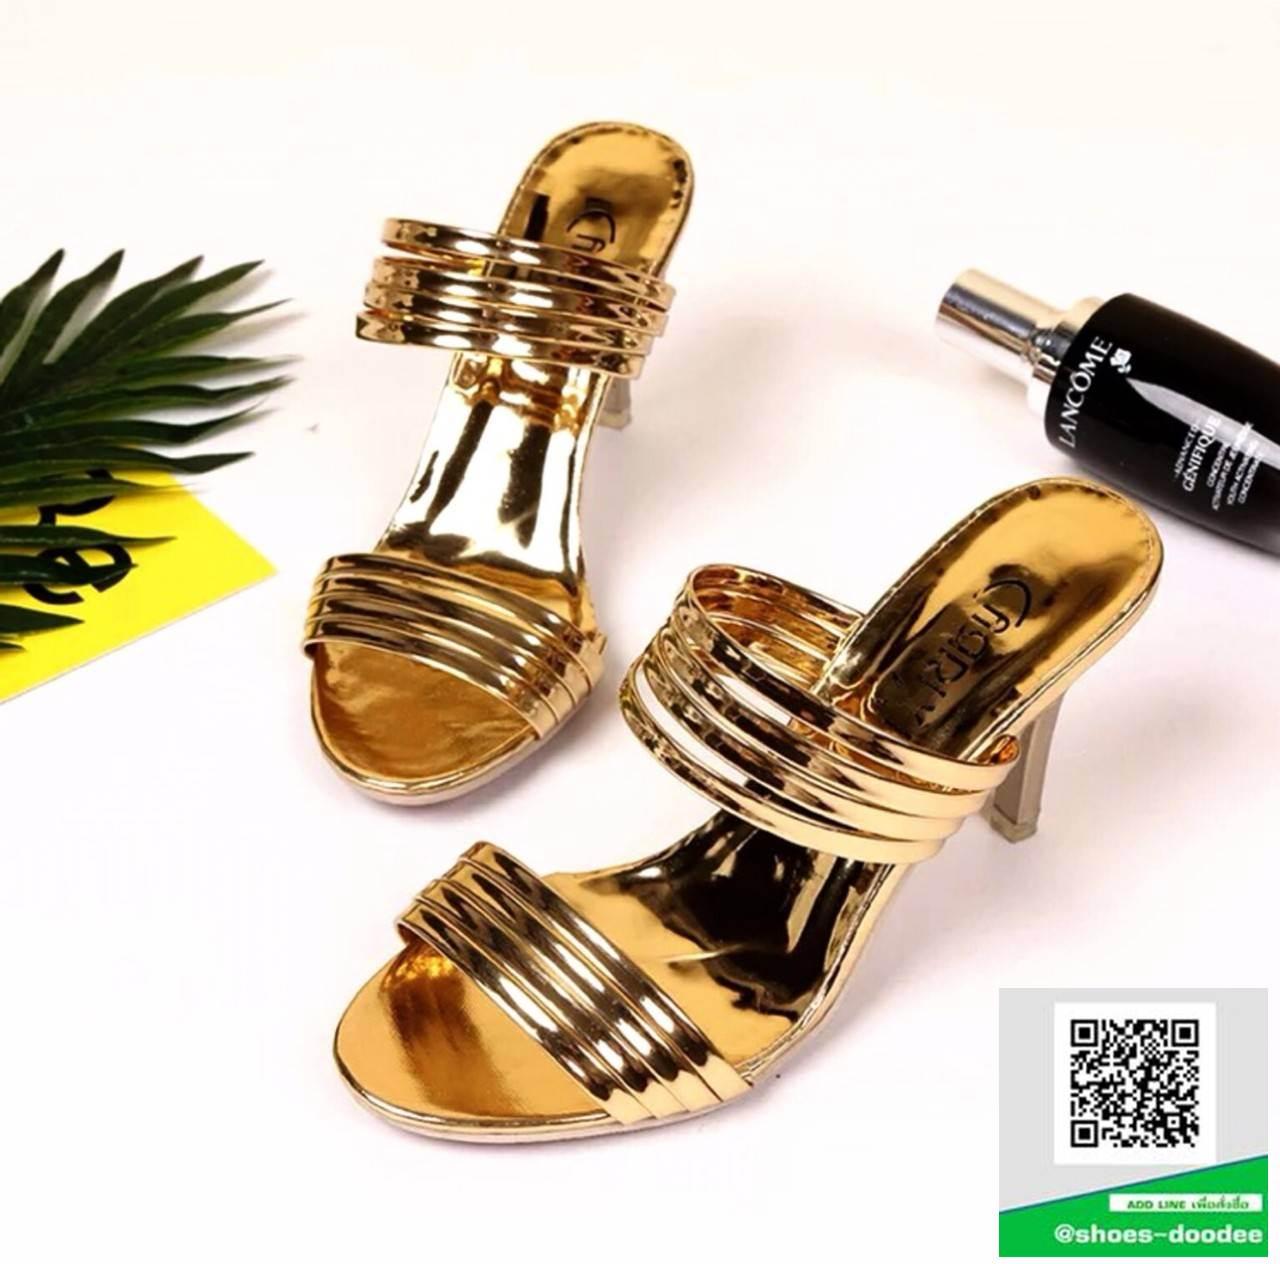 รองเท้าส้นเข็มเปิดส้นสีทอง สไตล์แบรนด์ Patricia (สีทอง )